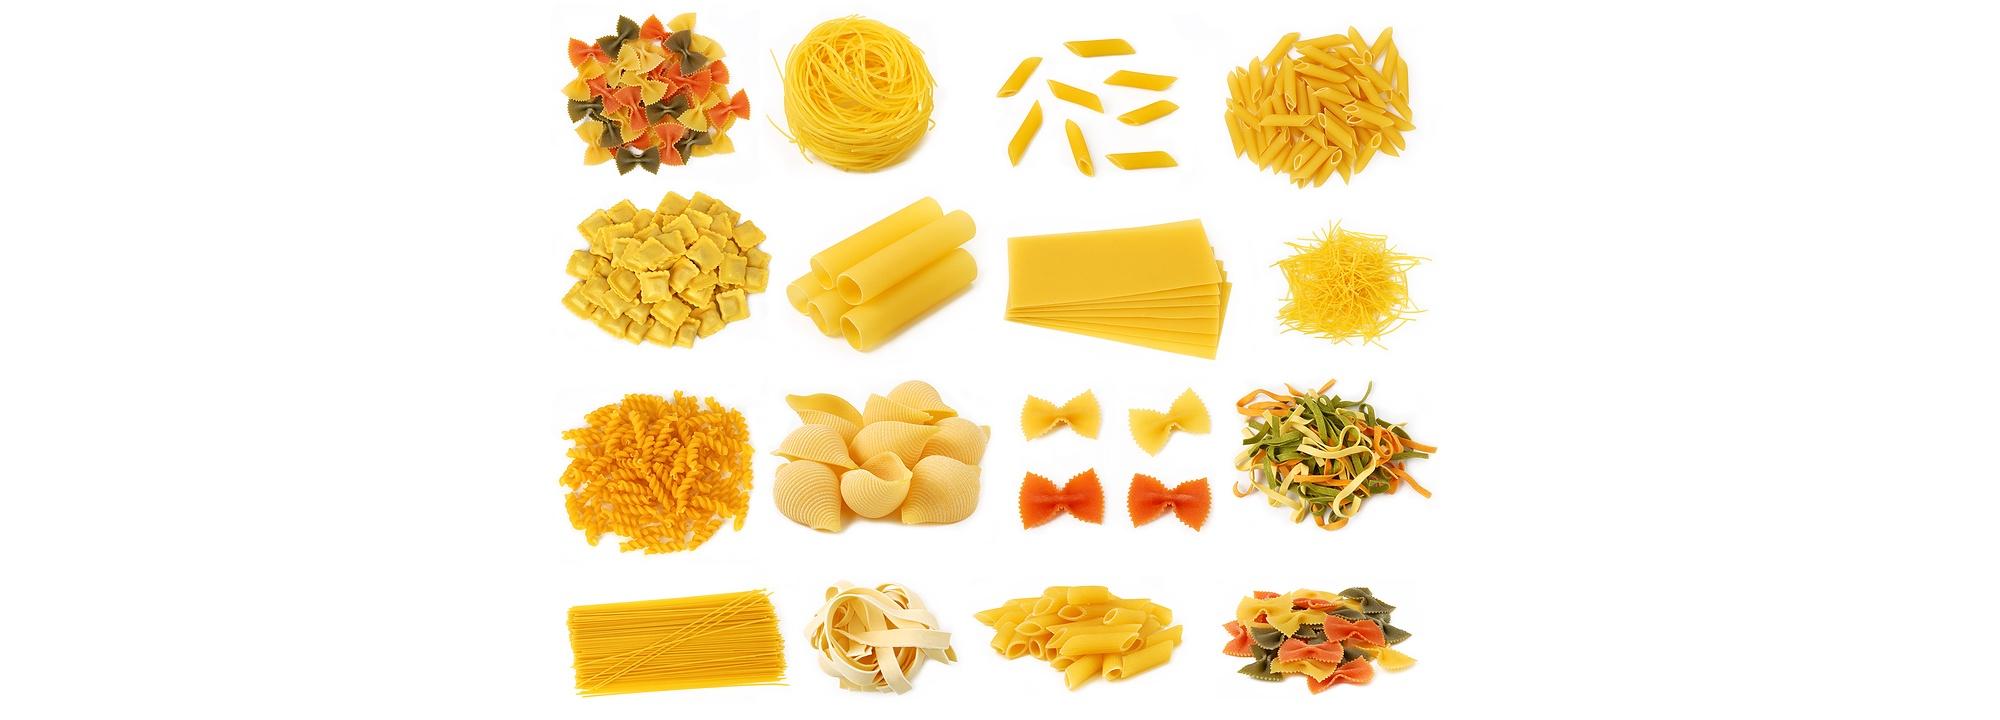 Comment choisir entre différents types de pâtes